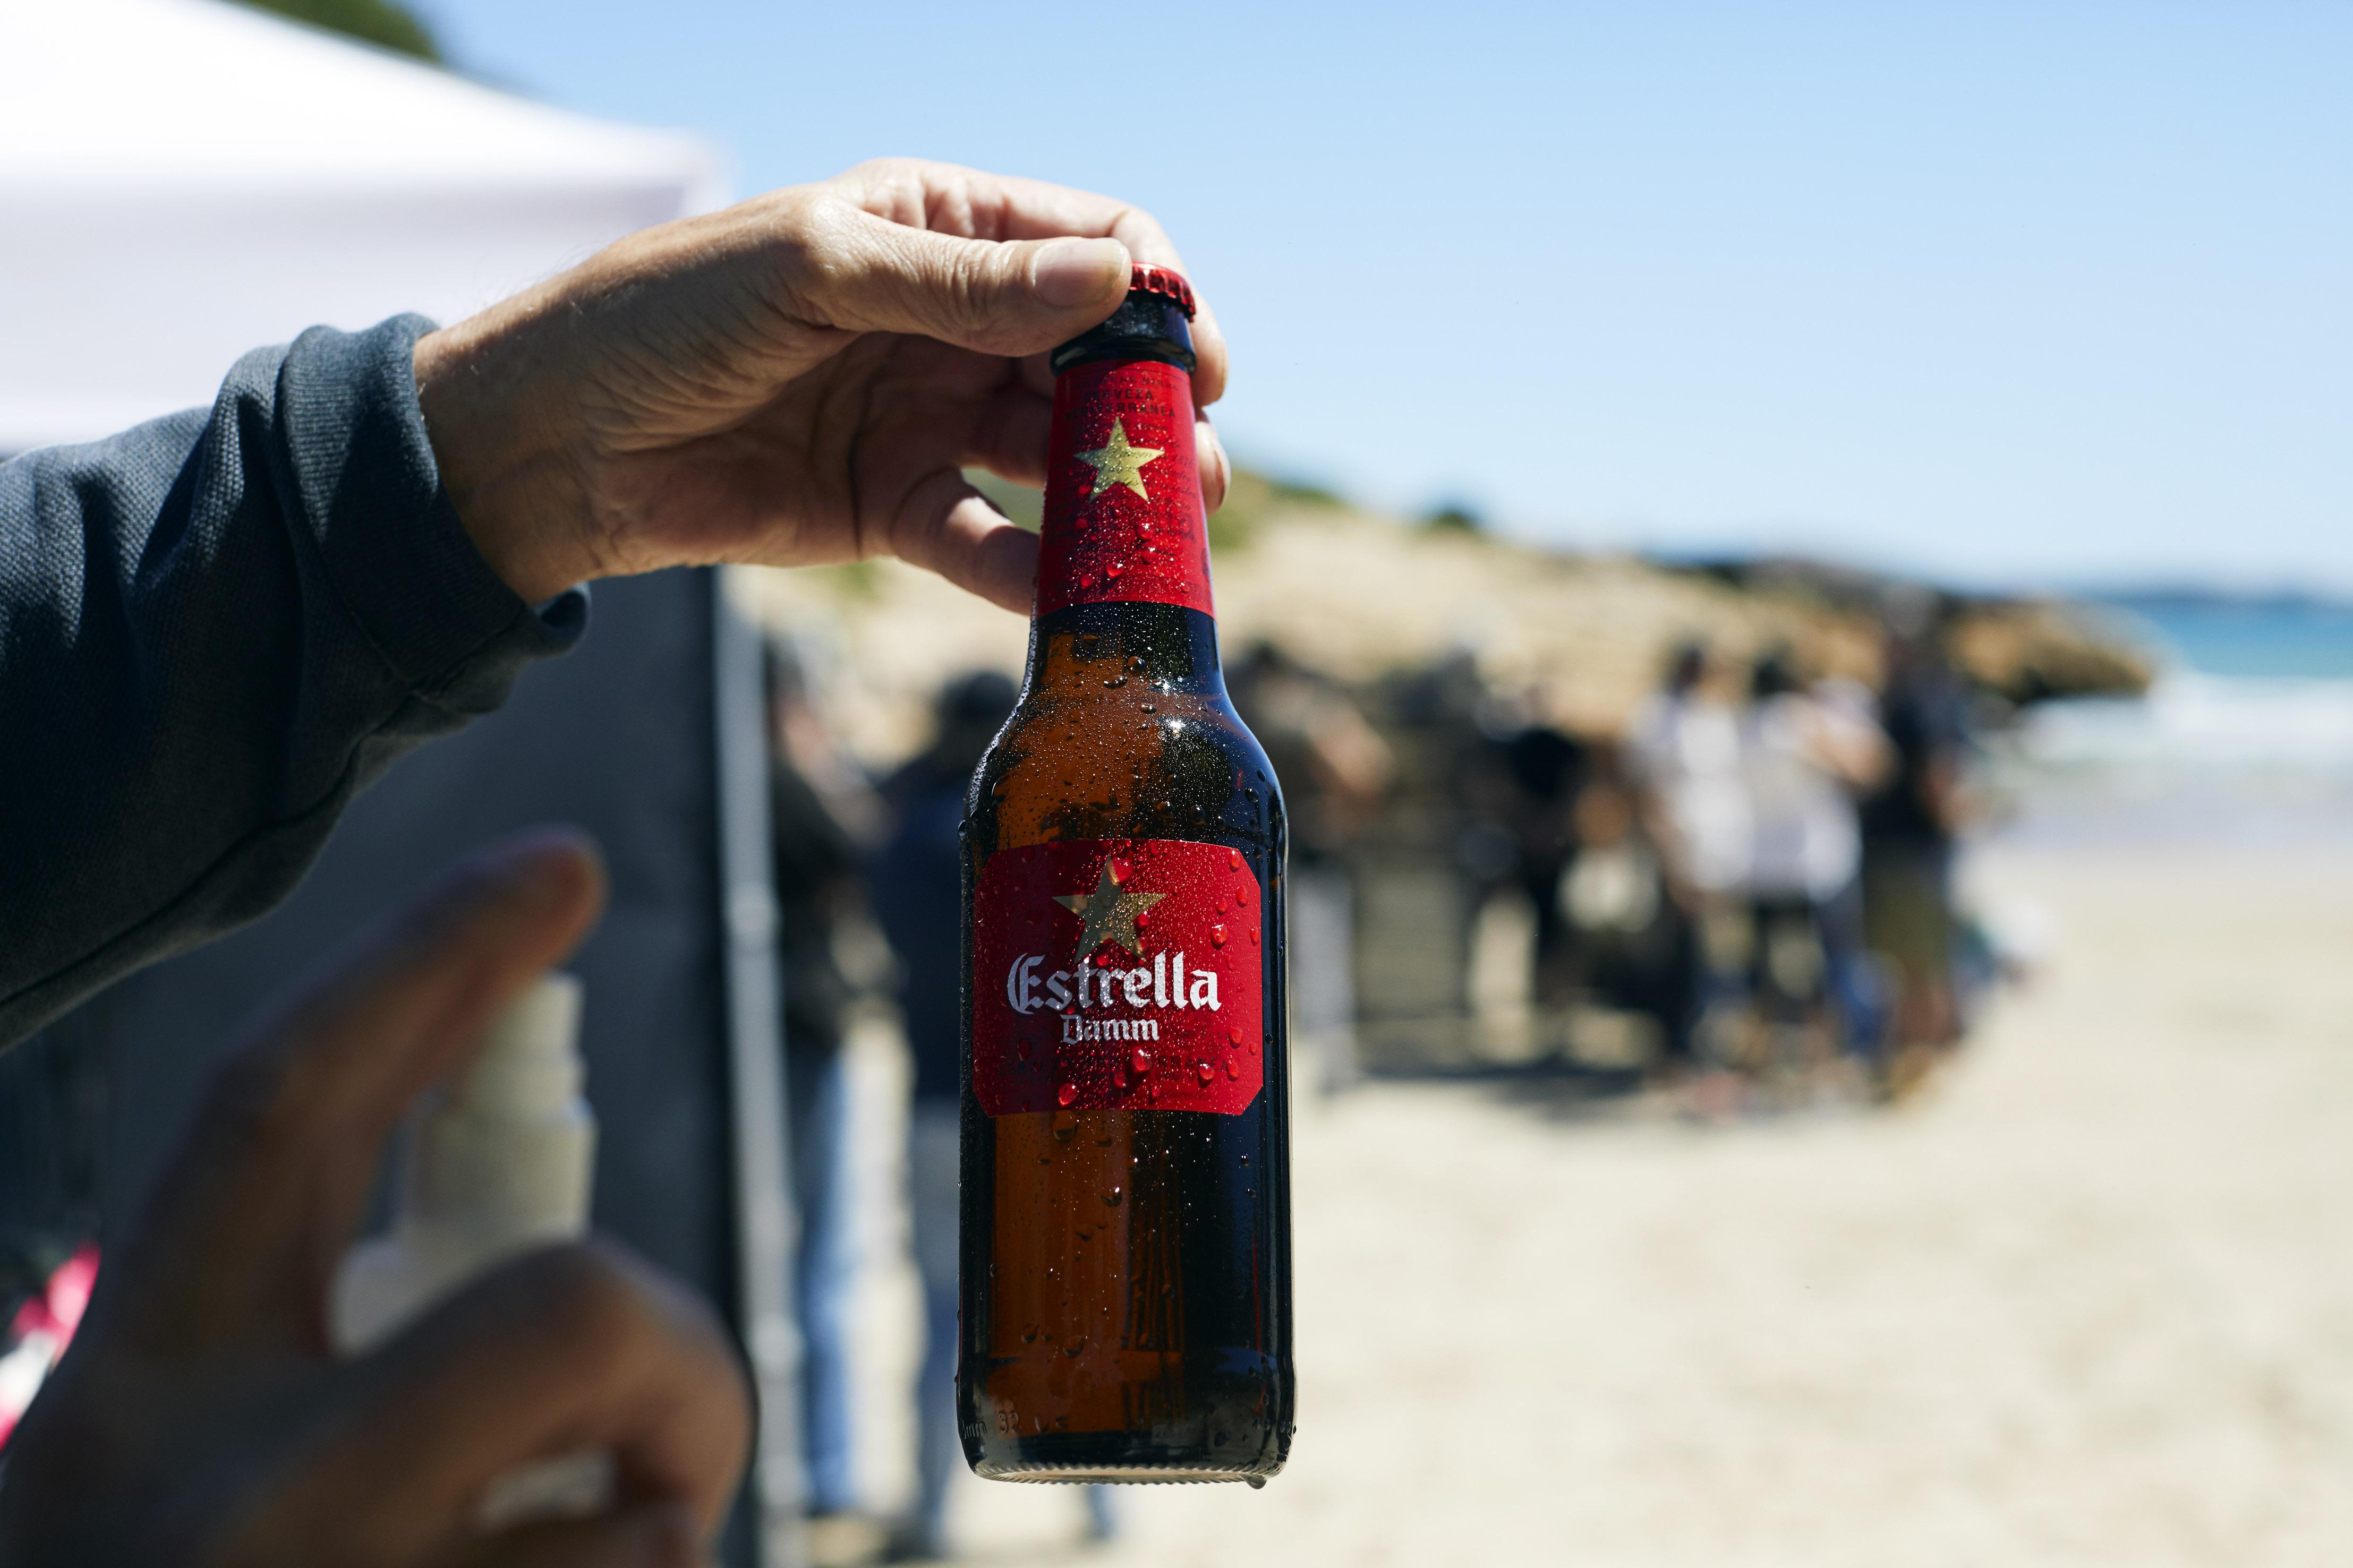 Estrella Damm prepara su tercer cortometraje para la campaña Mediterraneamente, estará dirigido por el ganador de un Goya Raúl Arévalo.